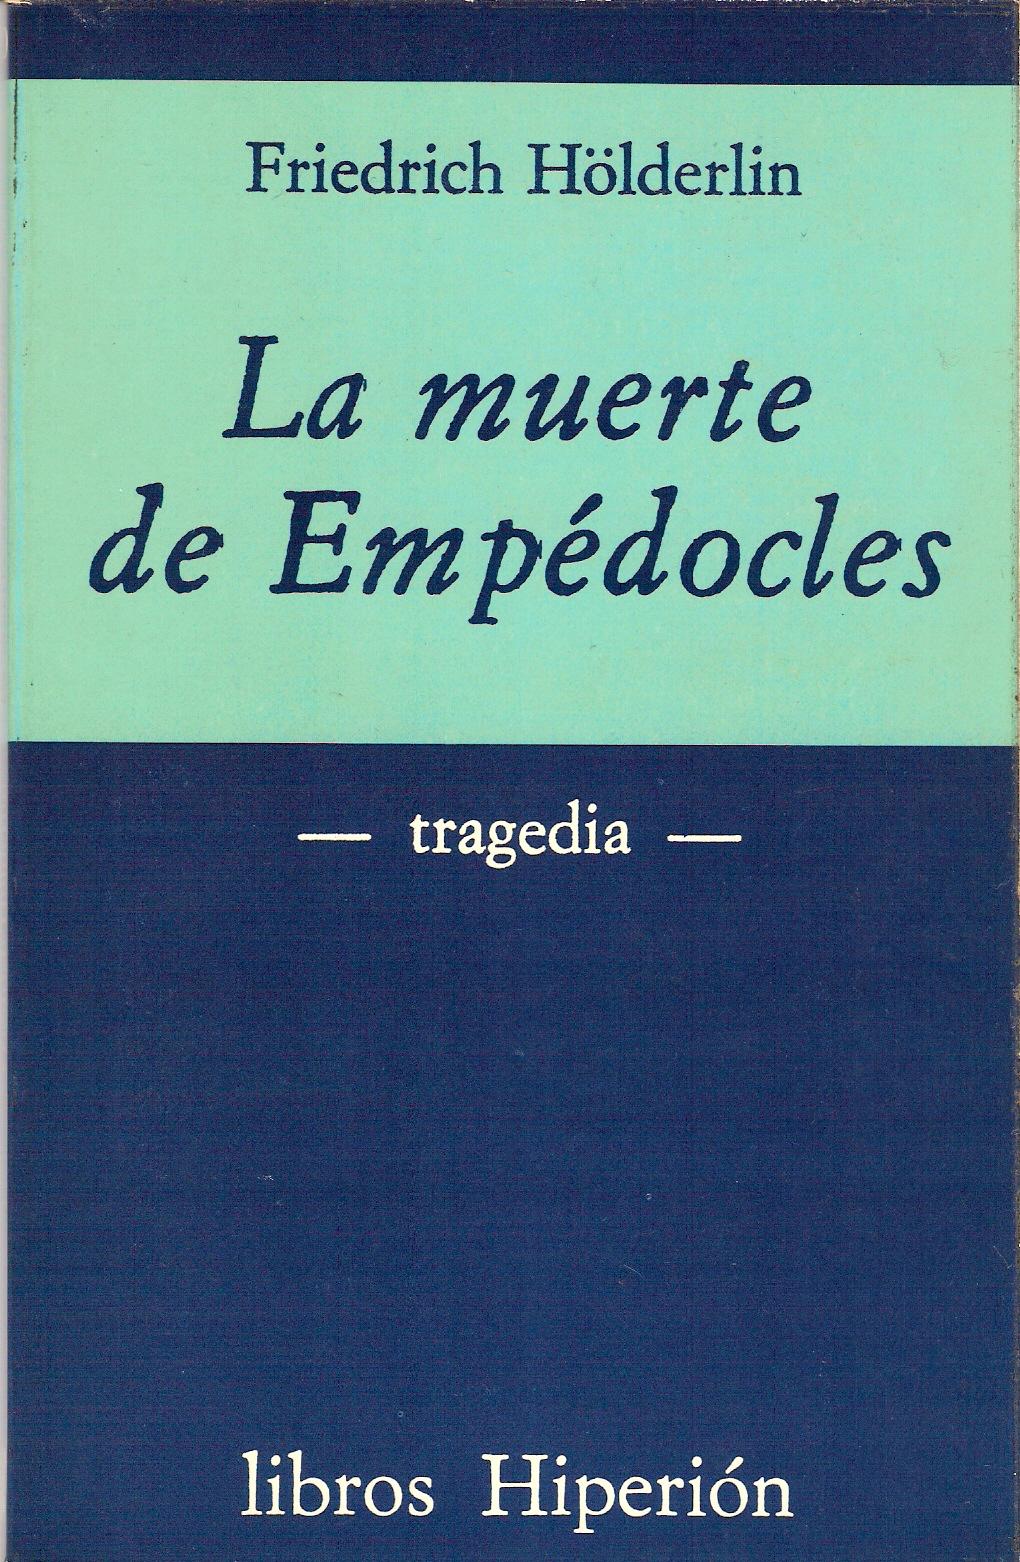 La muerte de Empédocles